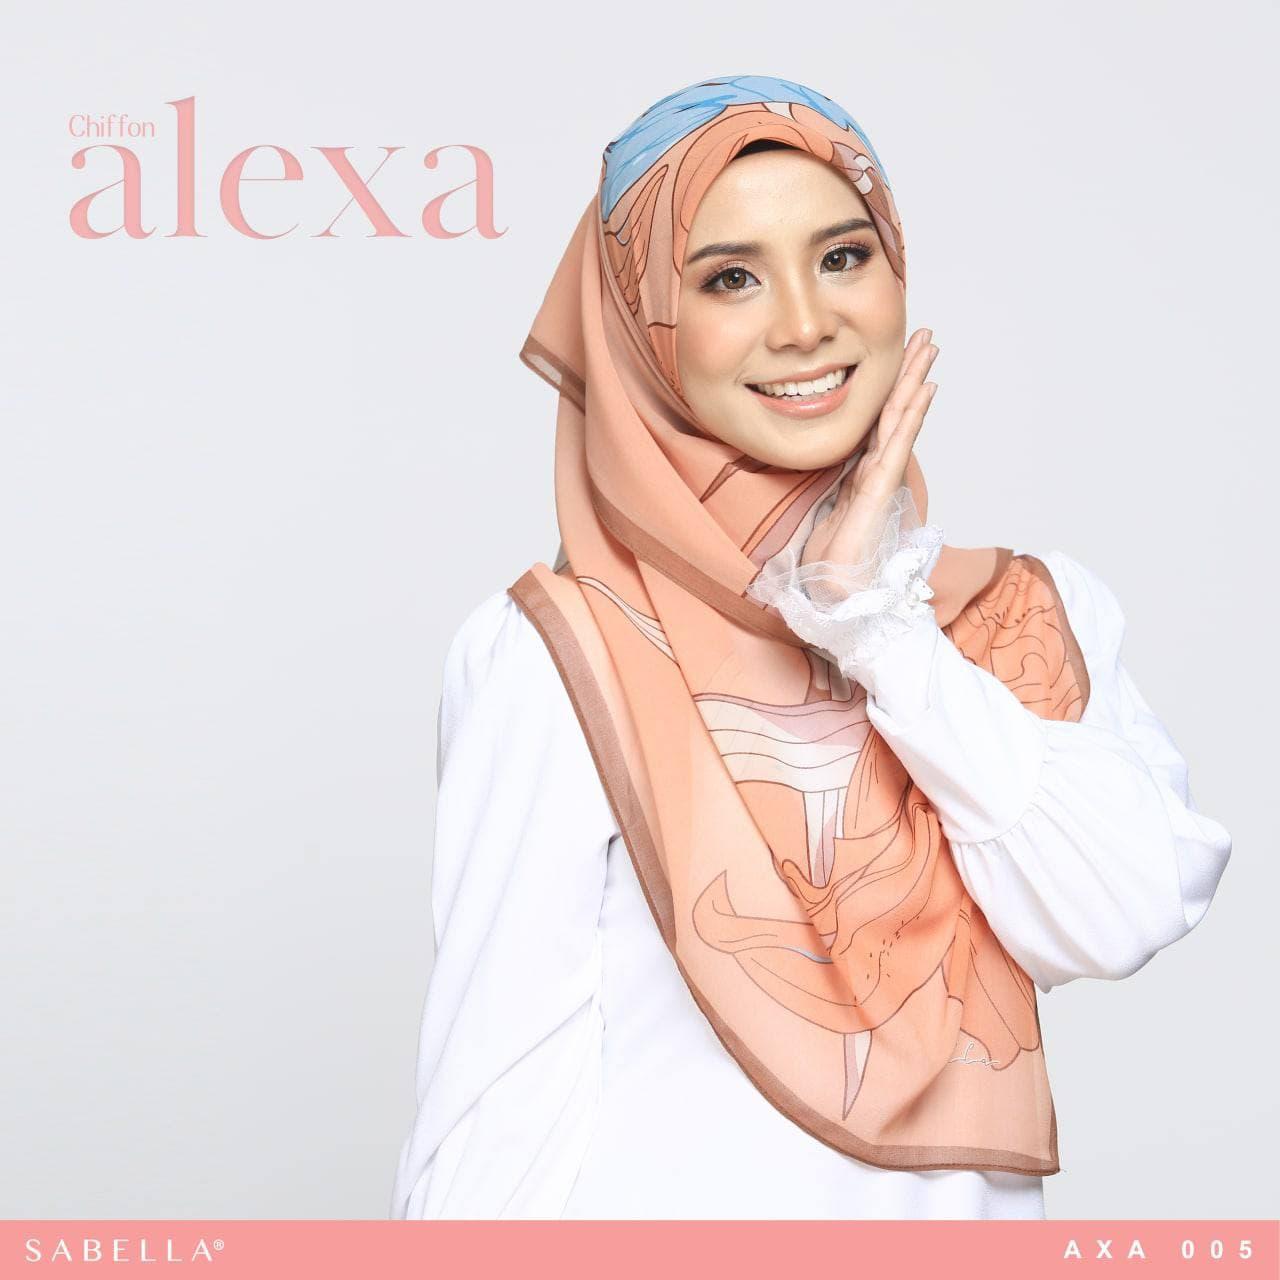 Alexa 005